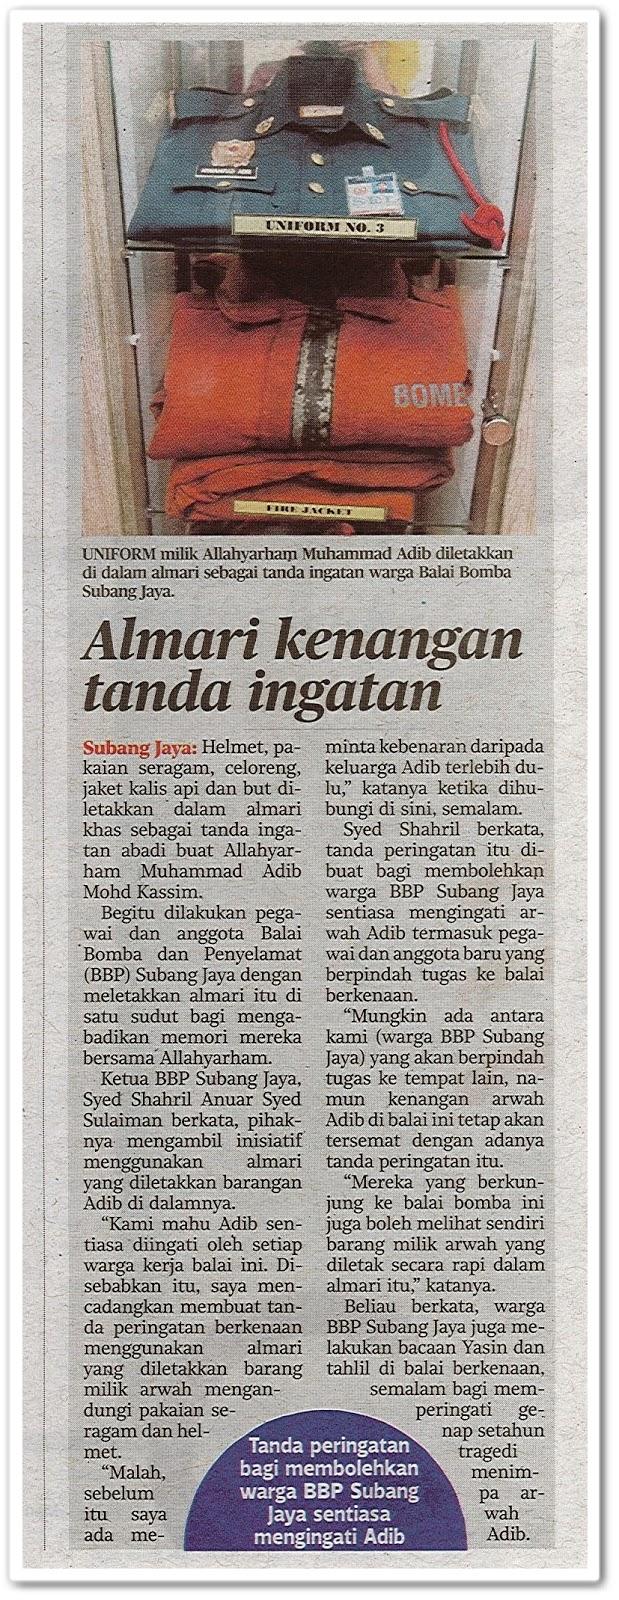 Almari kenangan tanda ingatan - Keratan akhbar Harian Metro 28 November 2019